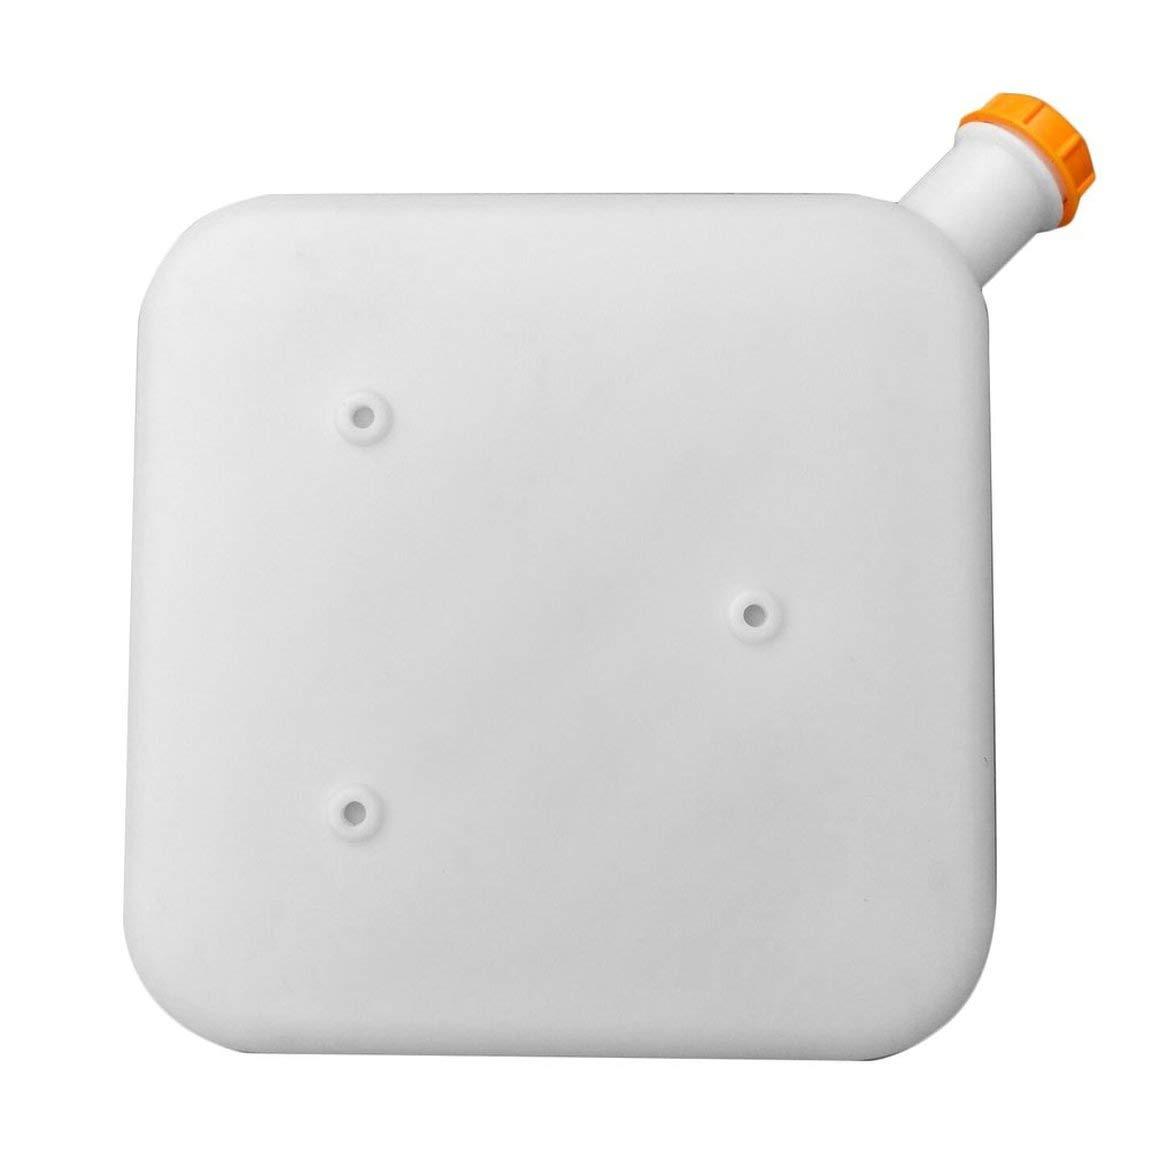 Funnyrunstore serbatoio di plastica portatile multifunzione olio di benzina scatola di immagazzinaggio universale per auto camion barca aria riscaldamento 10L